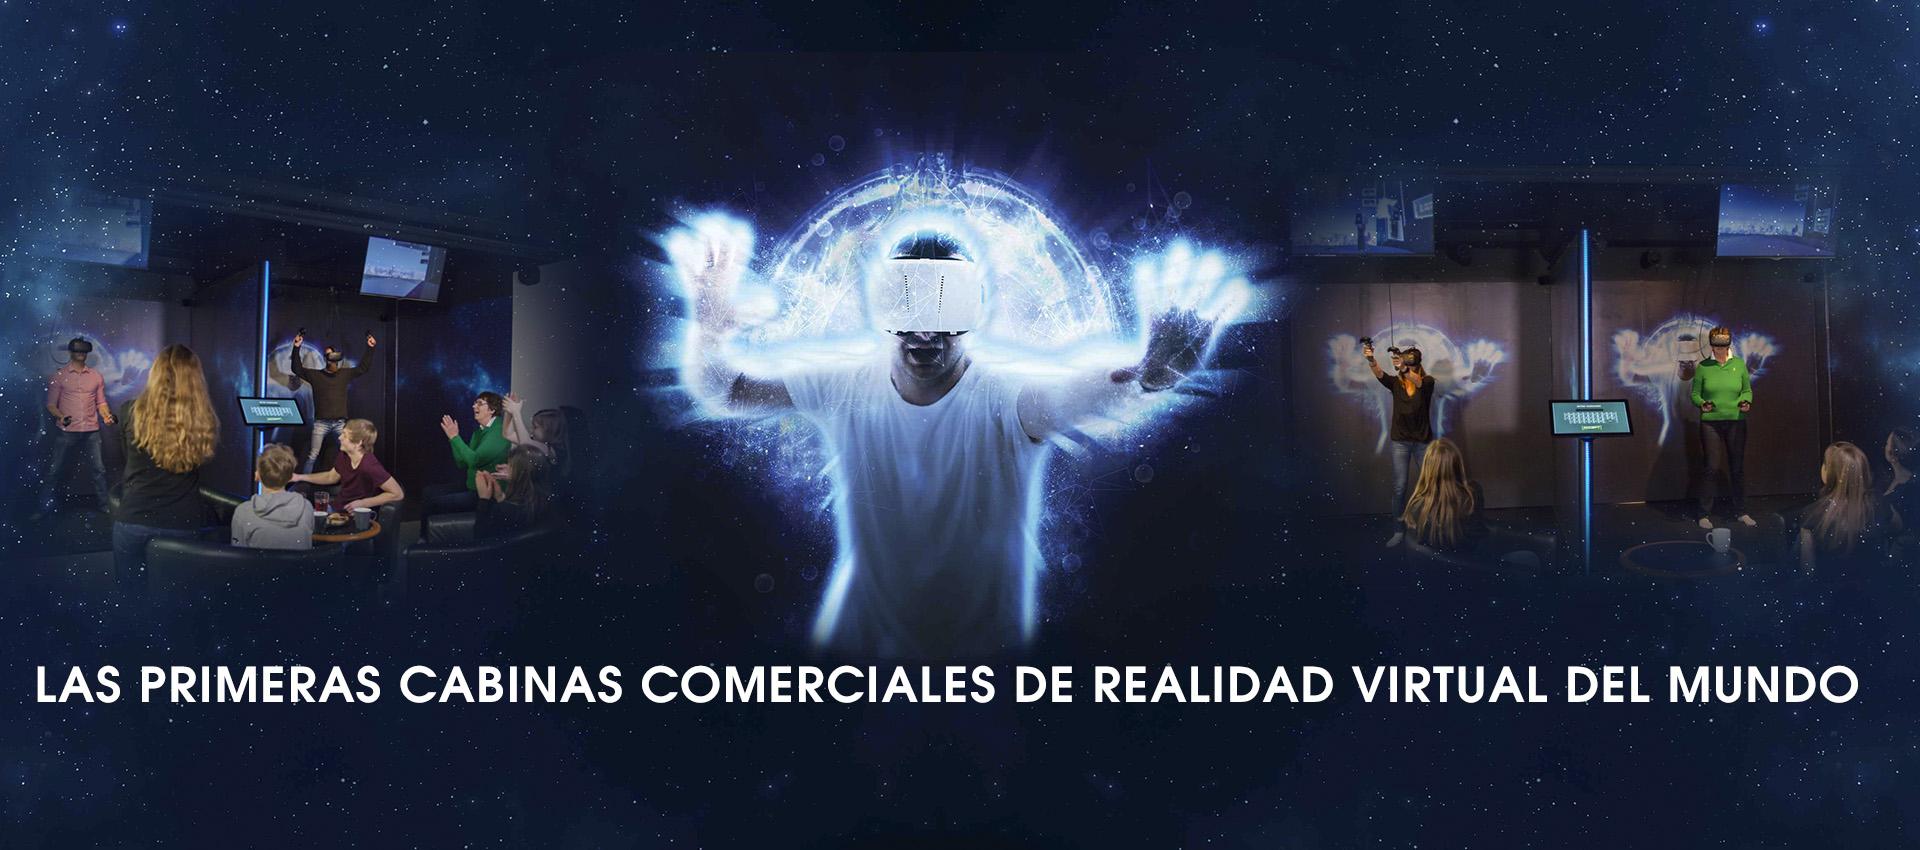 vya-cabinas-de-realidad-virtual